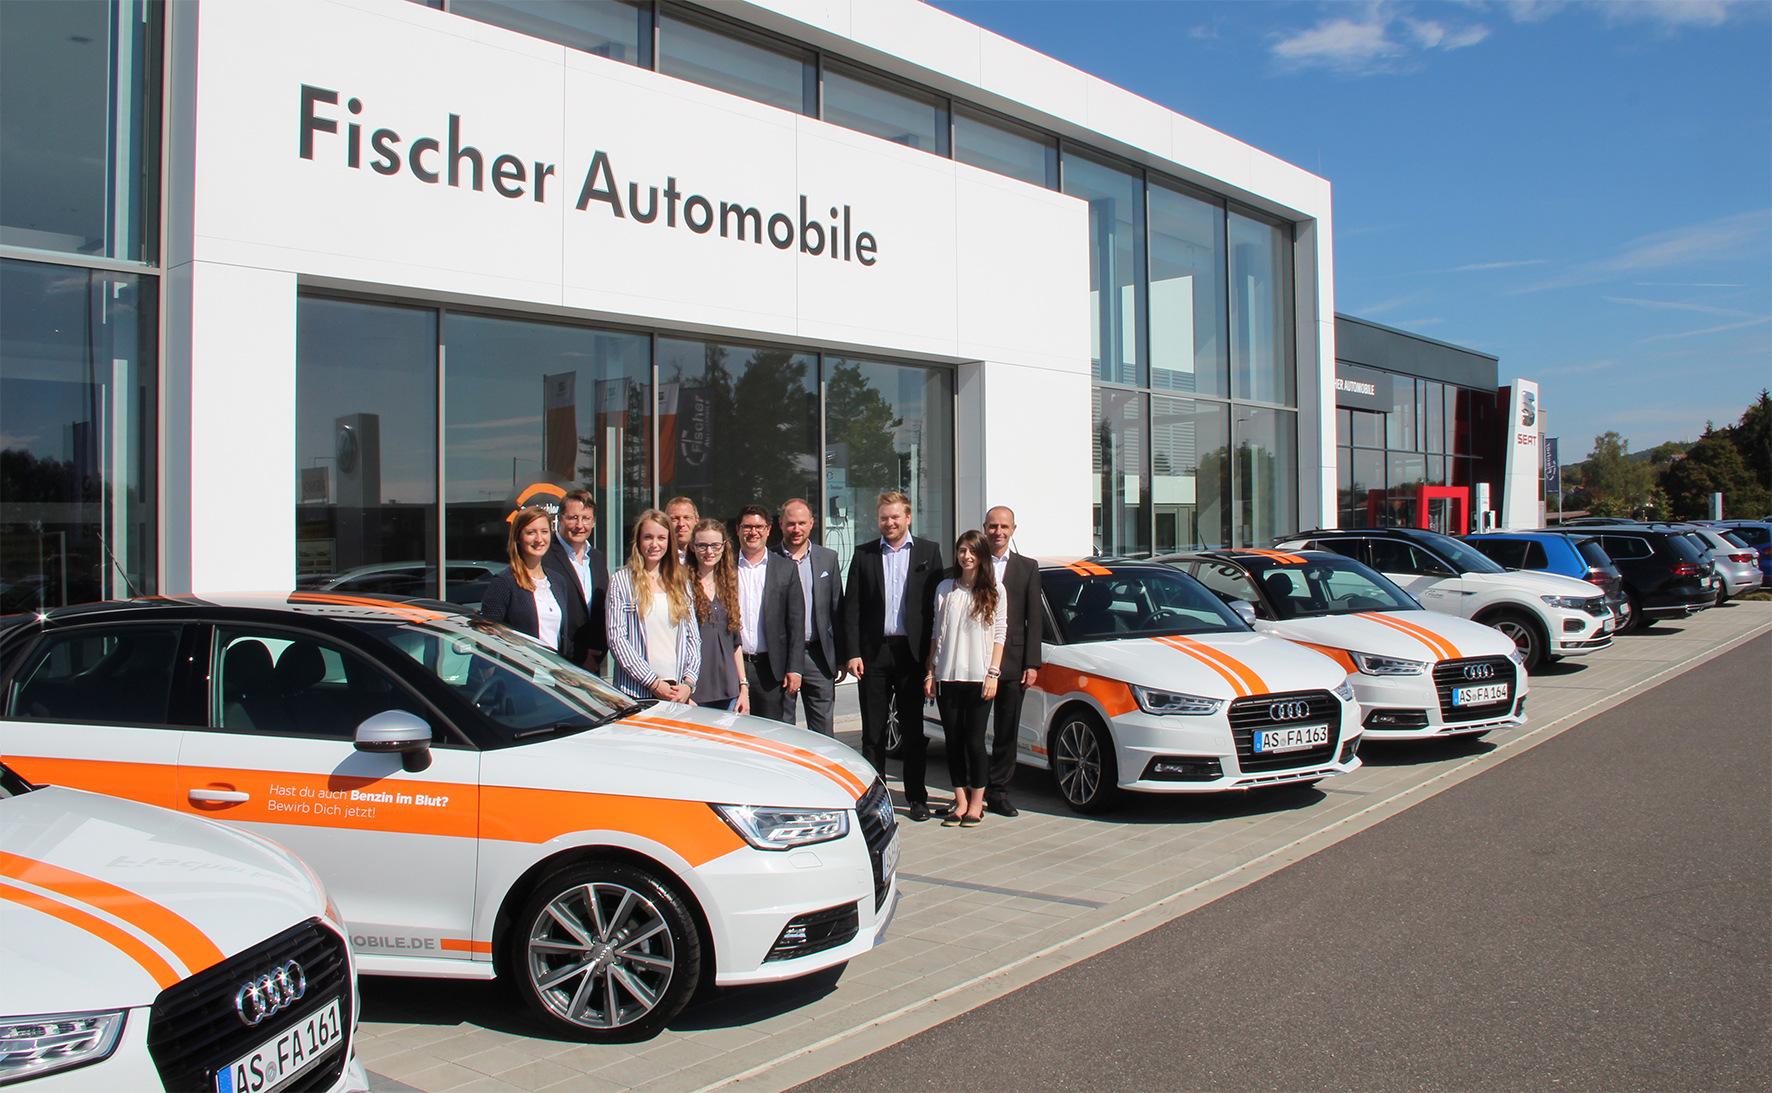 Automobile Fischer Amberg